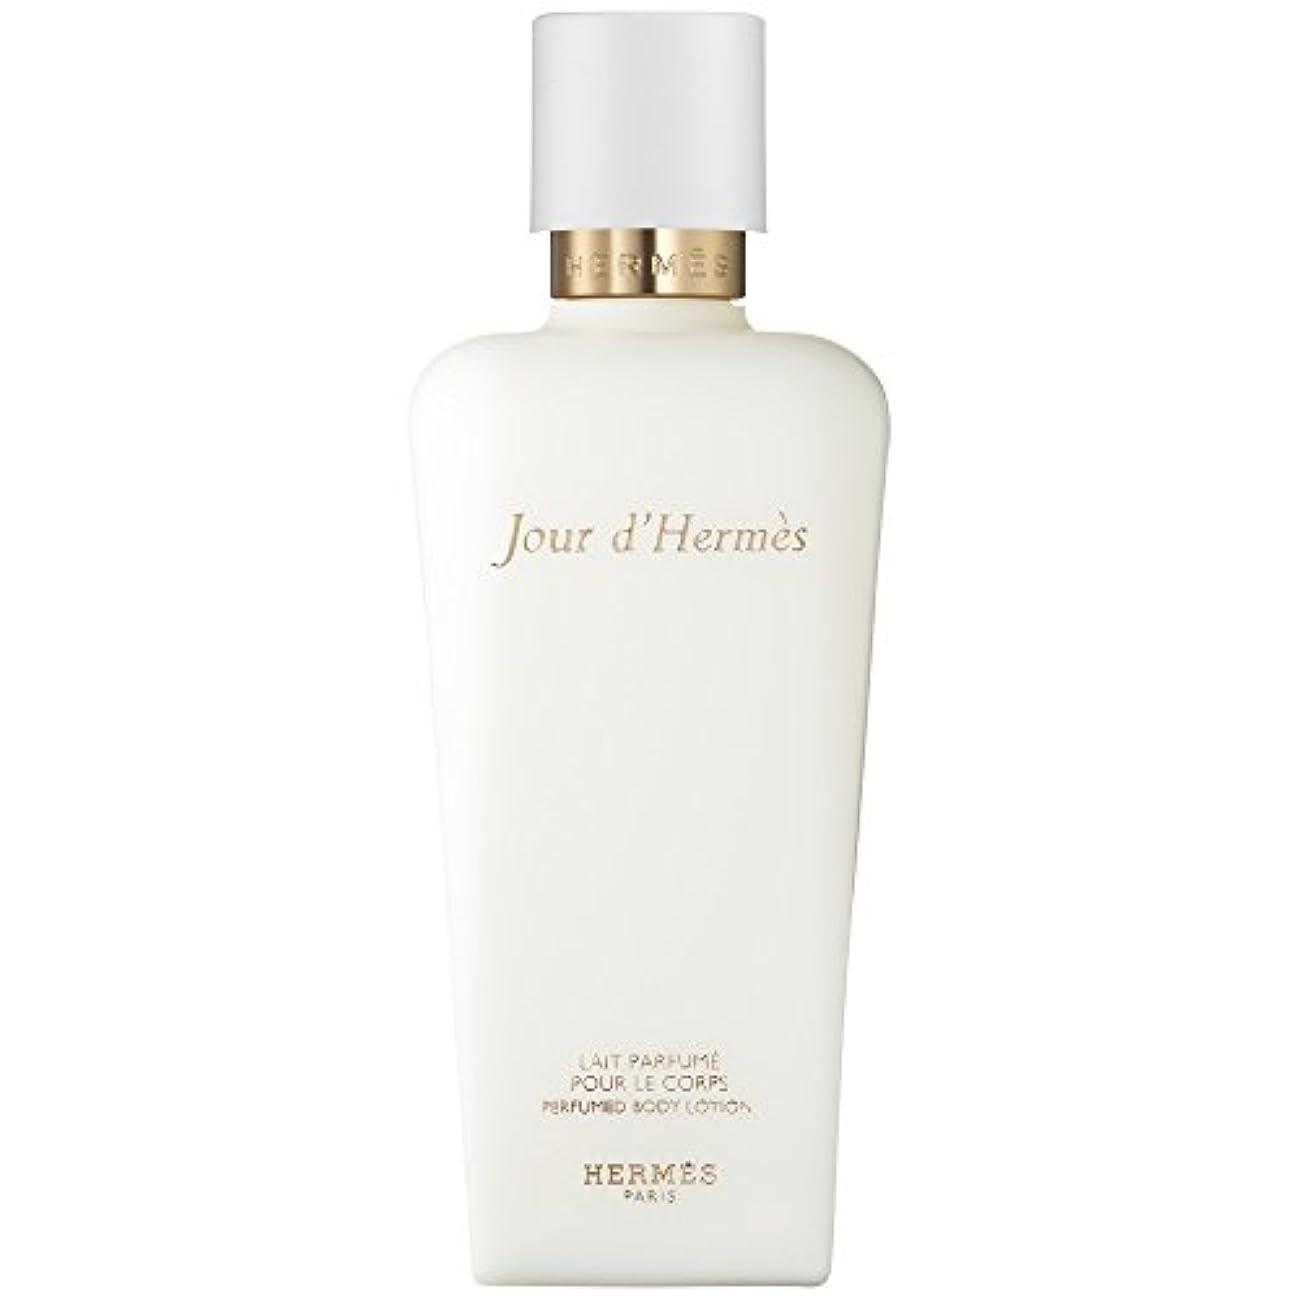 文献欠乏申請者エルメスJourのドールエルメス賦香ボディローション200ミリリットル (HERM?S) (x2) - HERM?S Jour d'Herm?s Perfumed Body Lotion 200ml (Pack of 2...